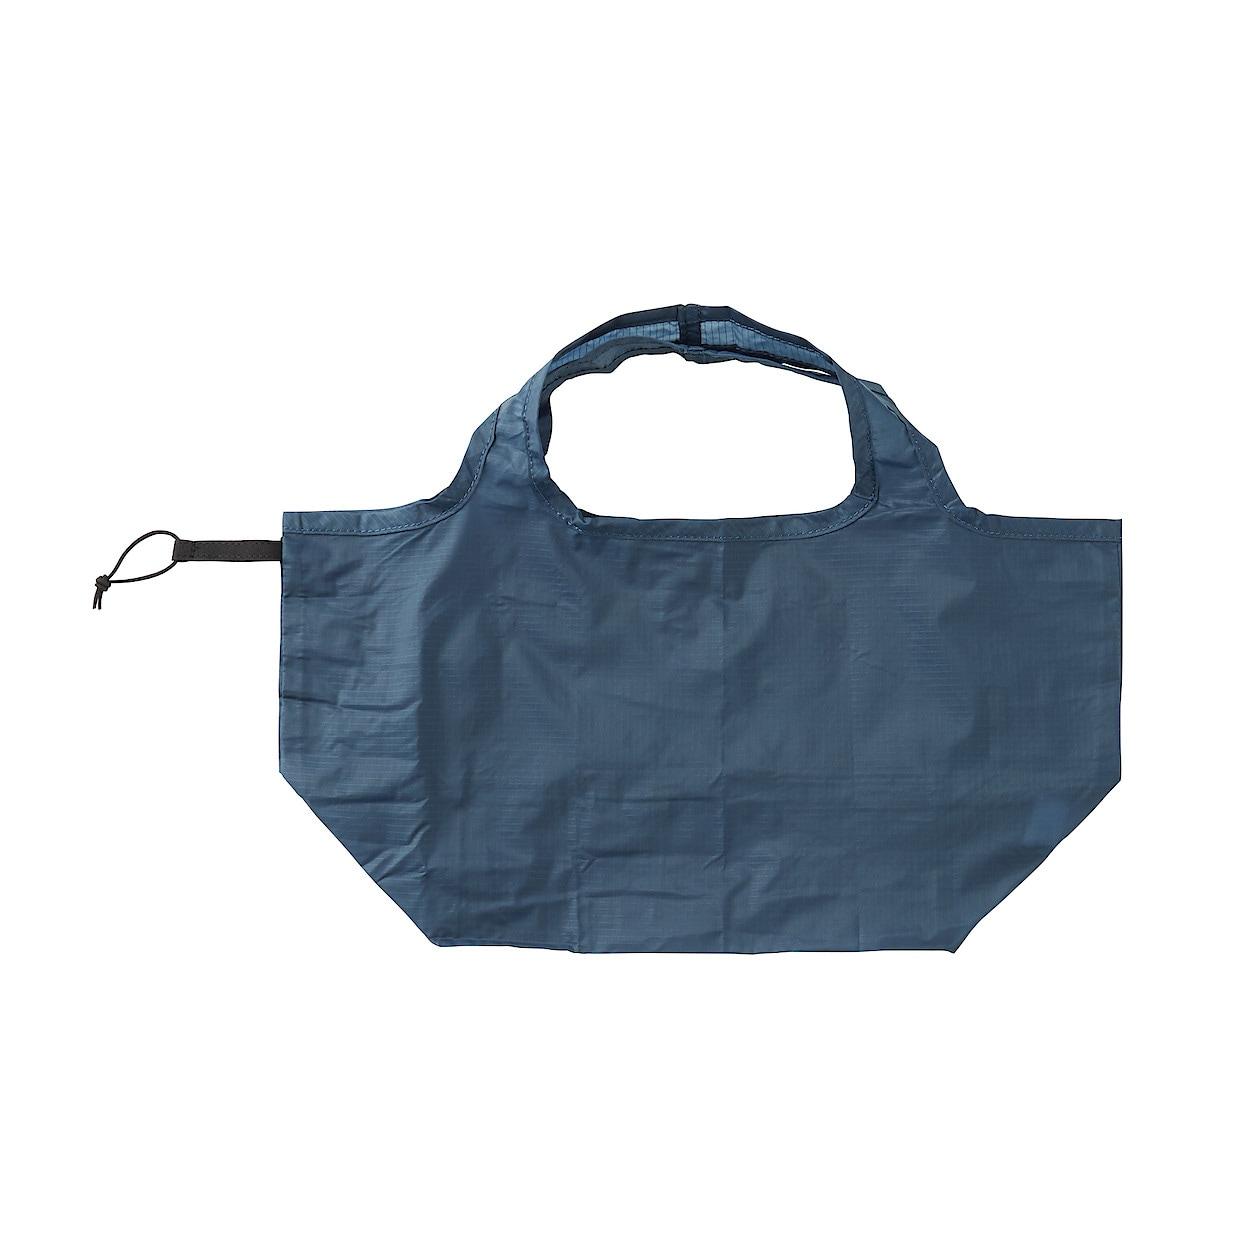 ナイロン 買い物バッグ マチ広